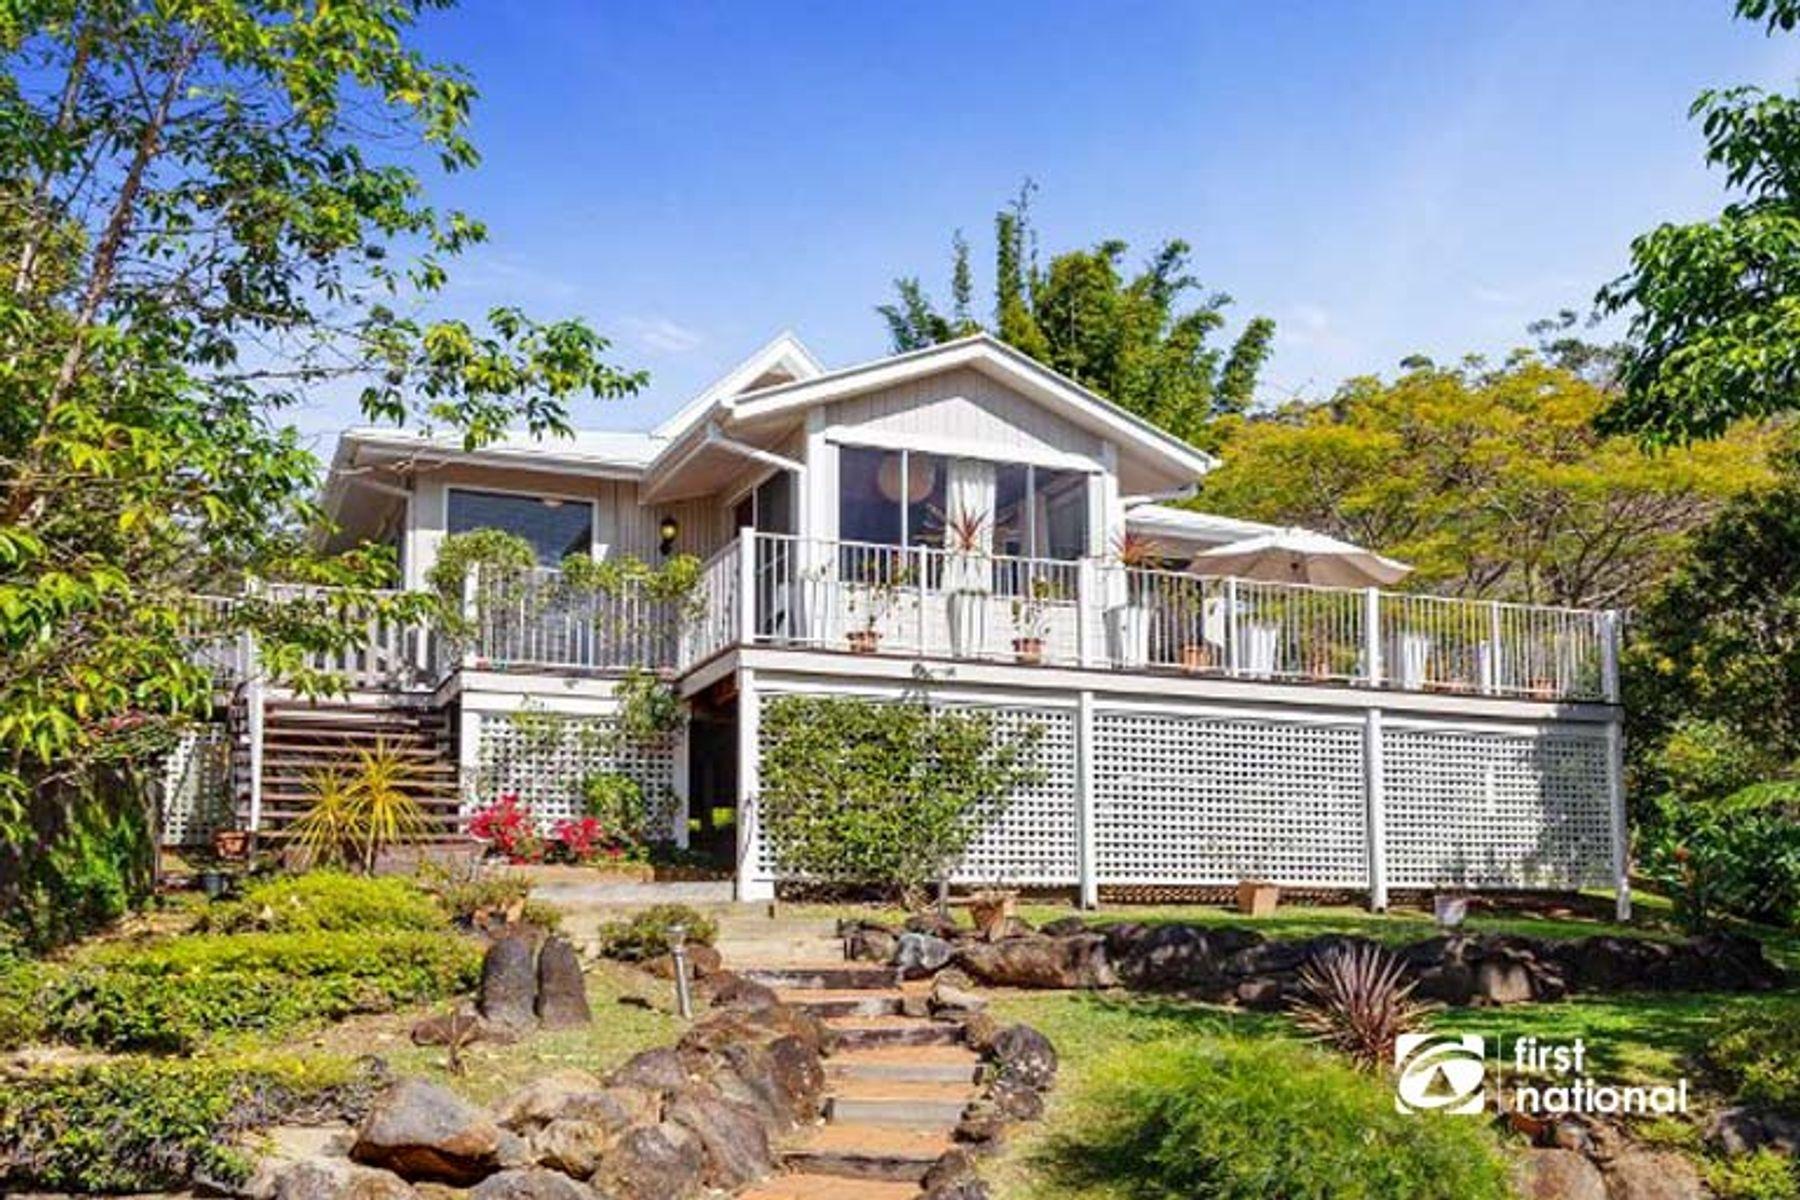 17-19 Sumba Court, Tamborine Mountain, QLD 4272